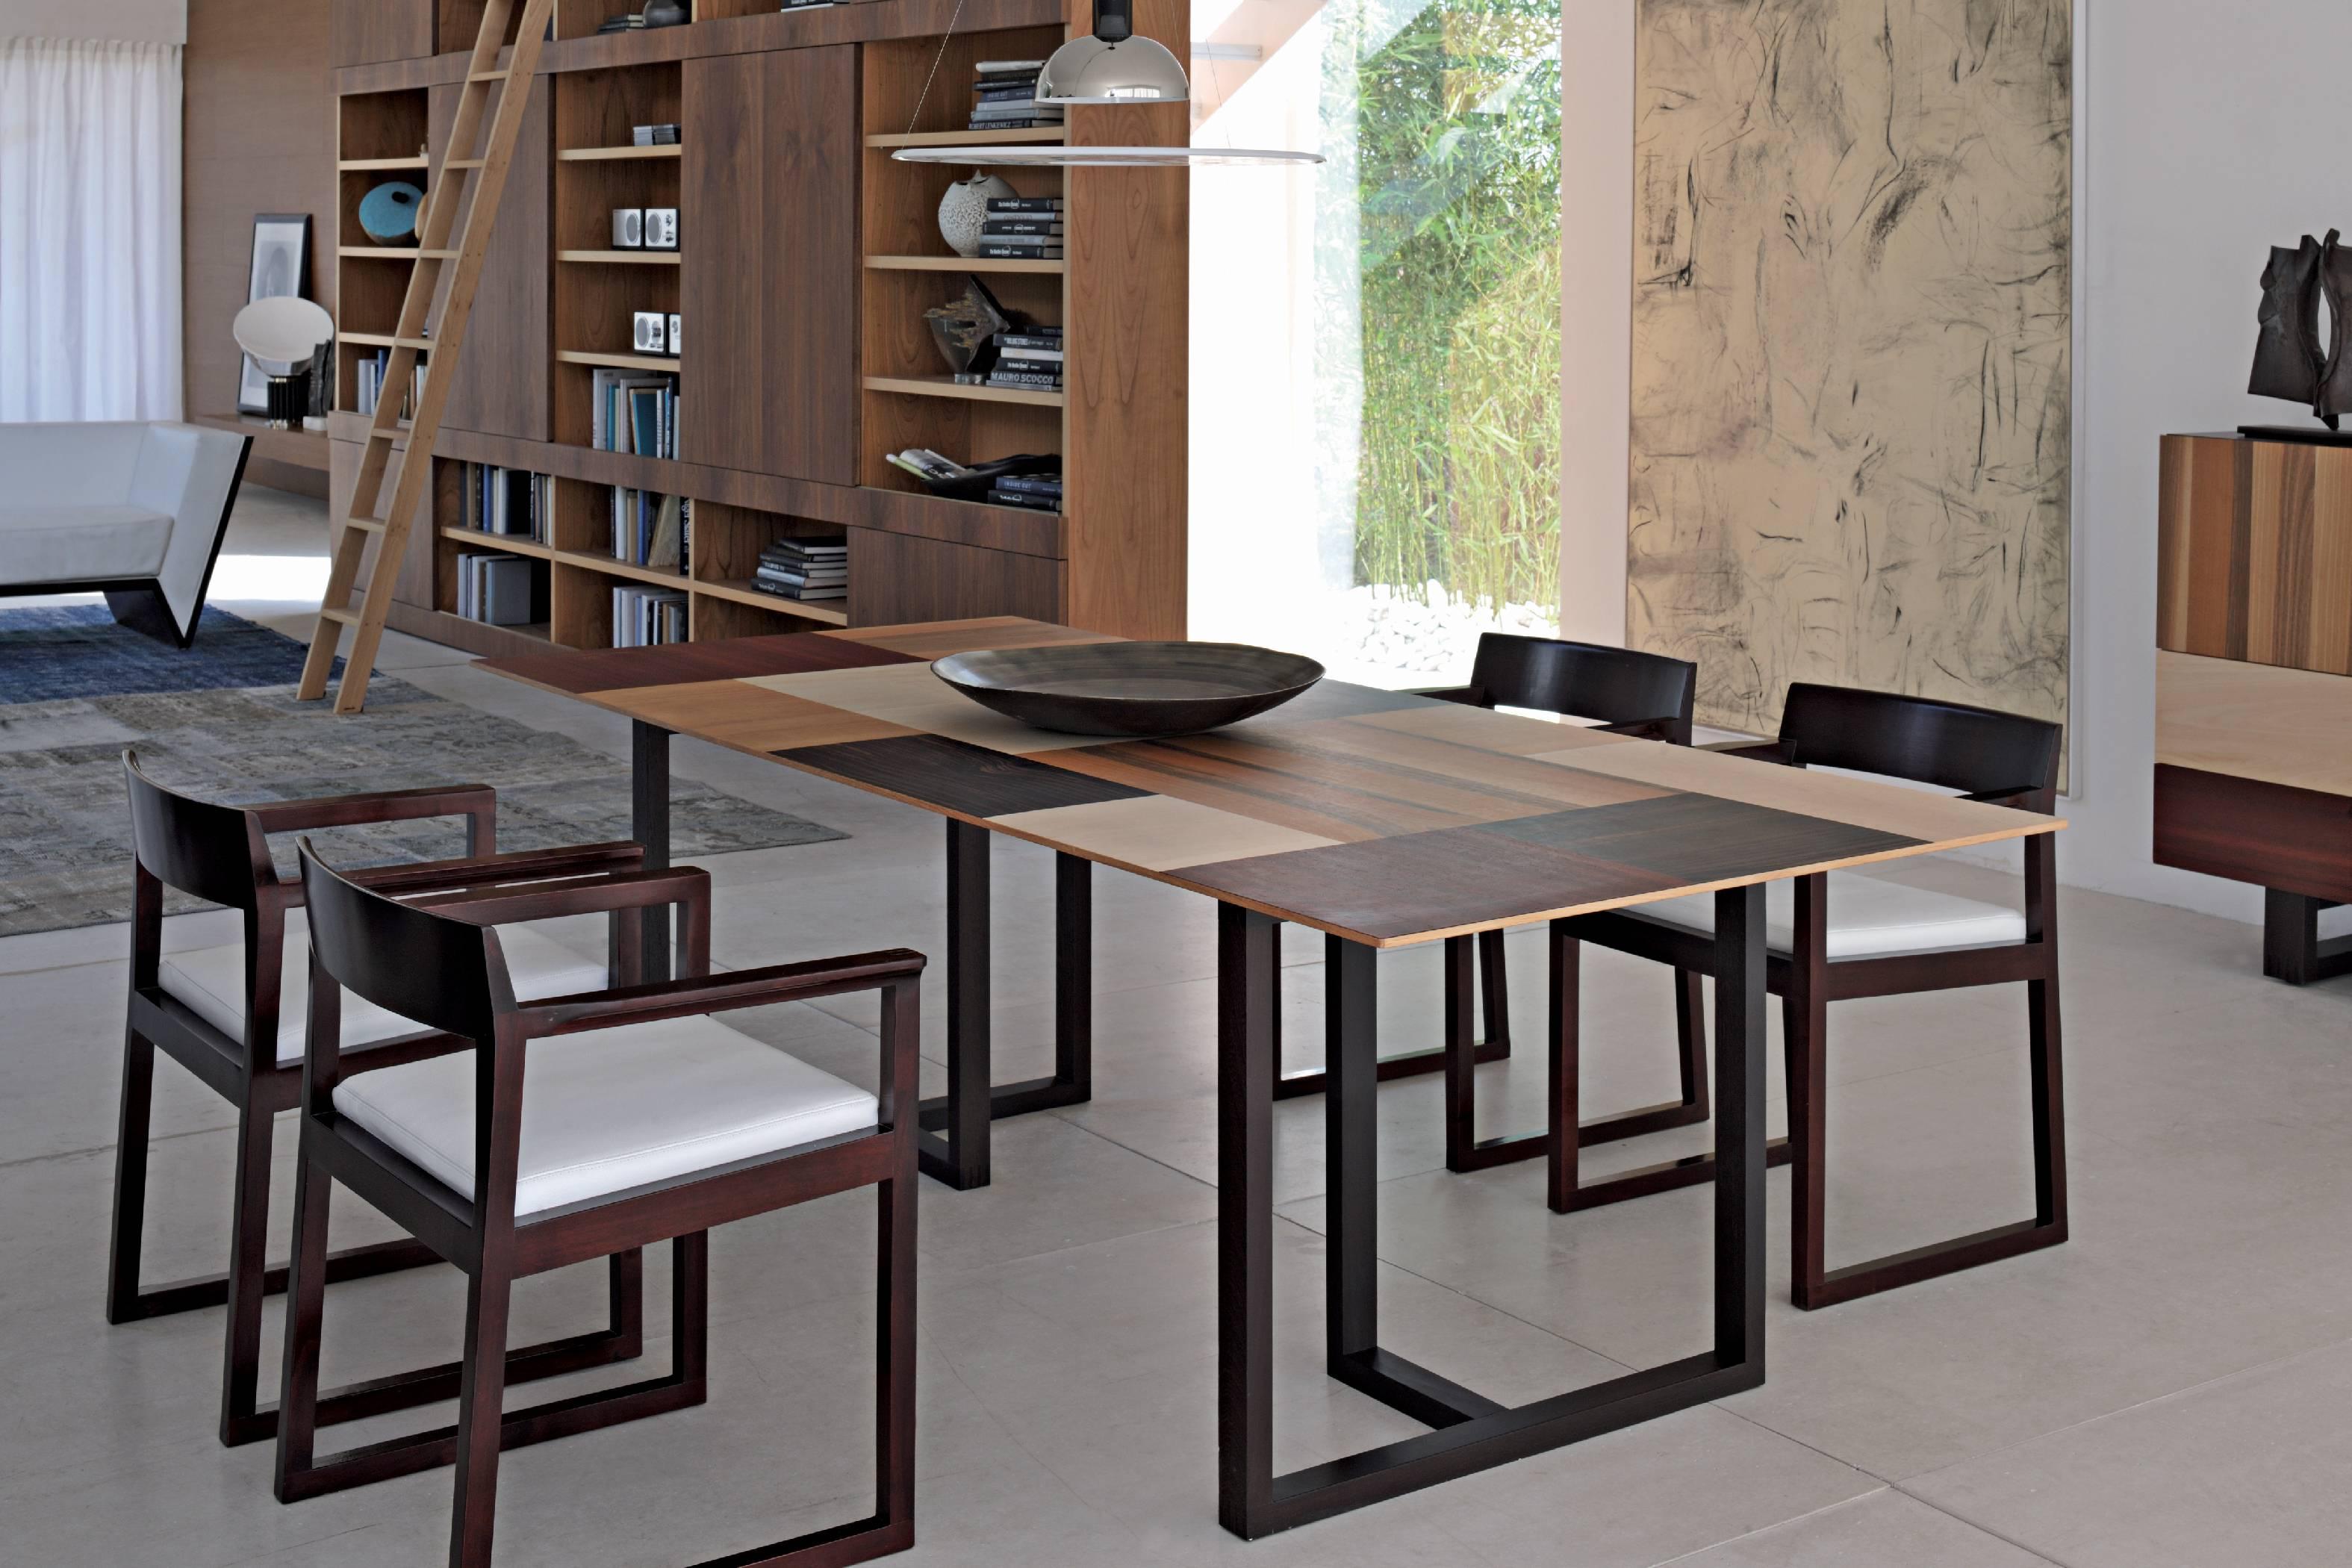 Tavoli e scrivanie morelato villadisesto for Tavoli e scrivanie